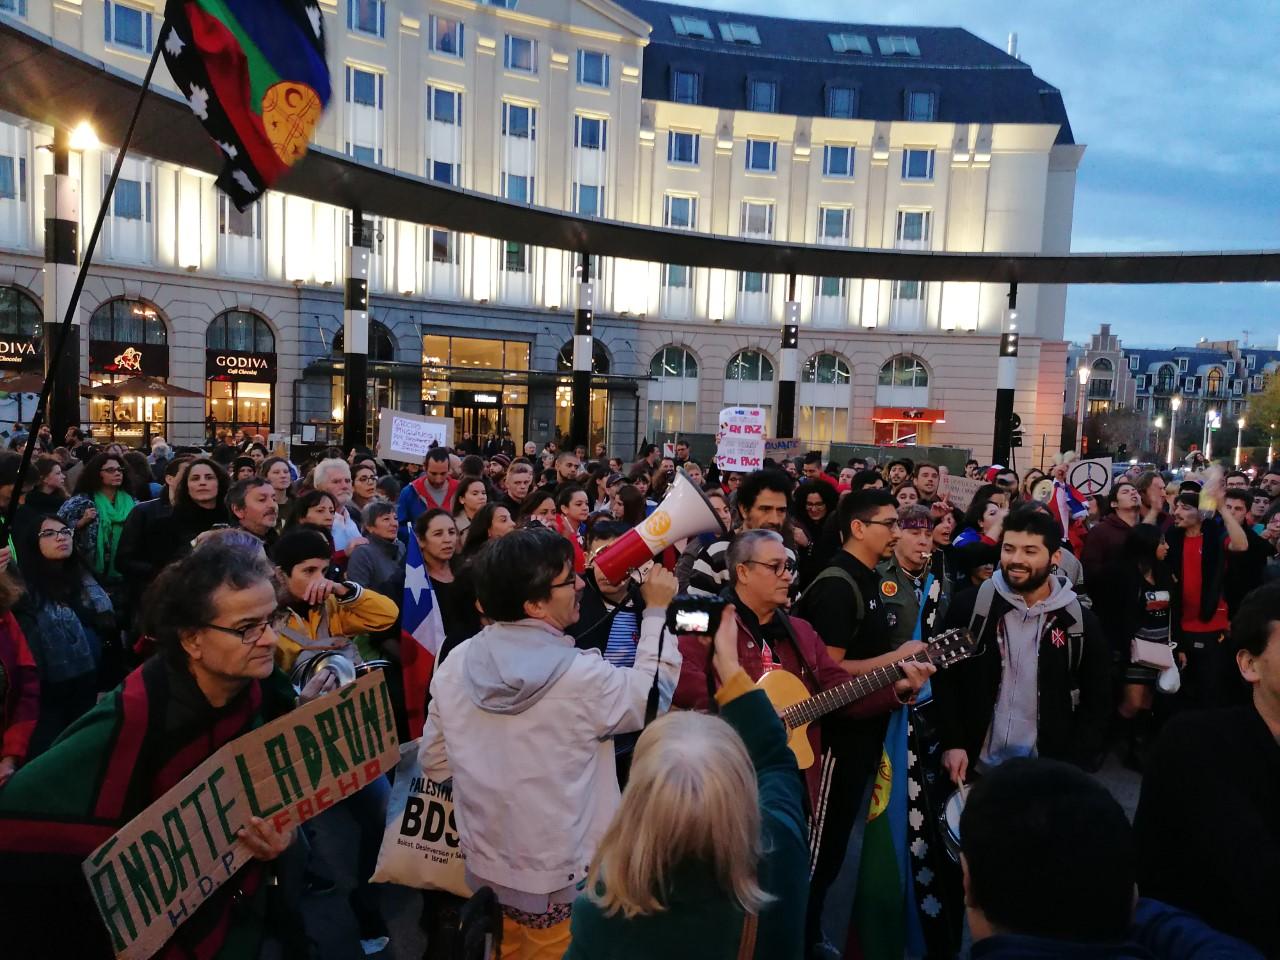 Des centaines de manifestants solidaires de la lutte du peuple chilien à Bruxelles